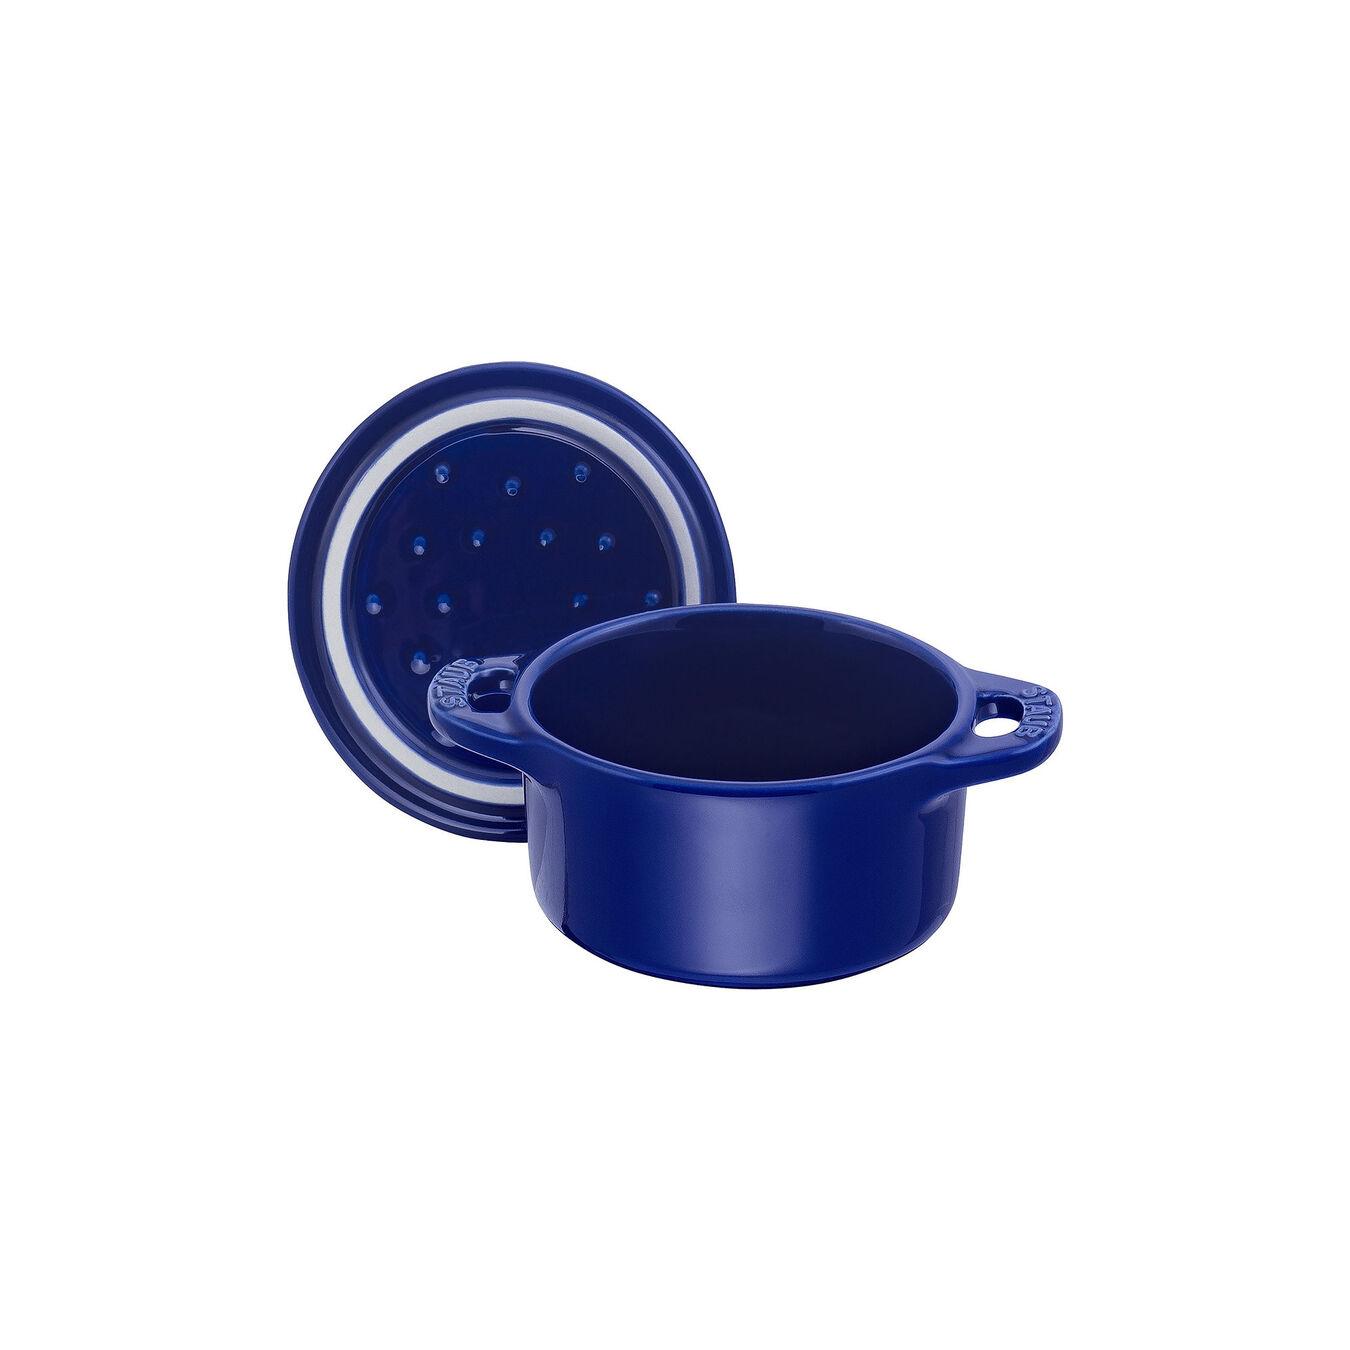 Mini Cocotte 10 cm, rund, Dunkelblau, Keramik,,large 6